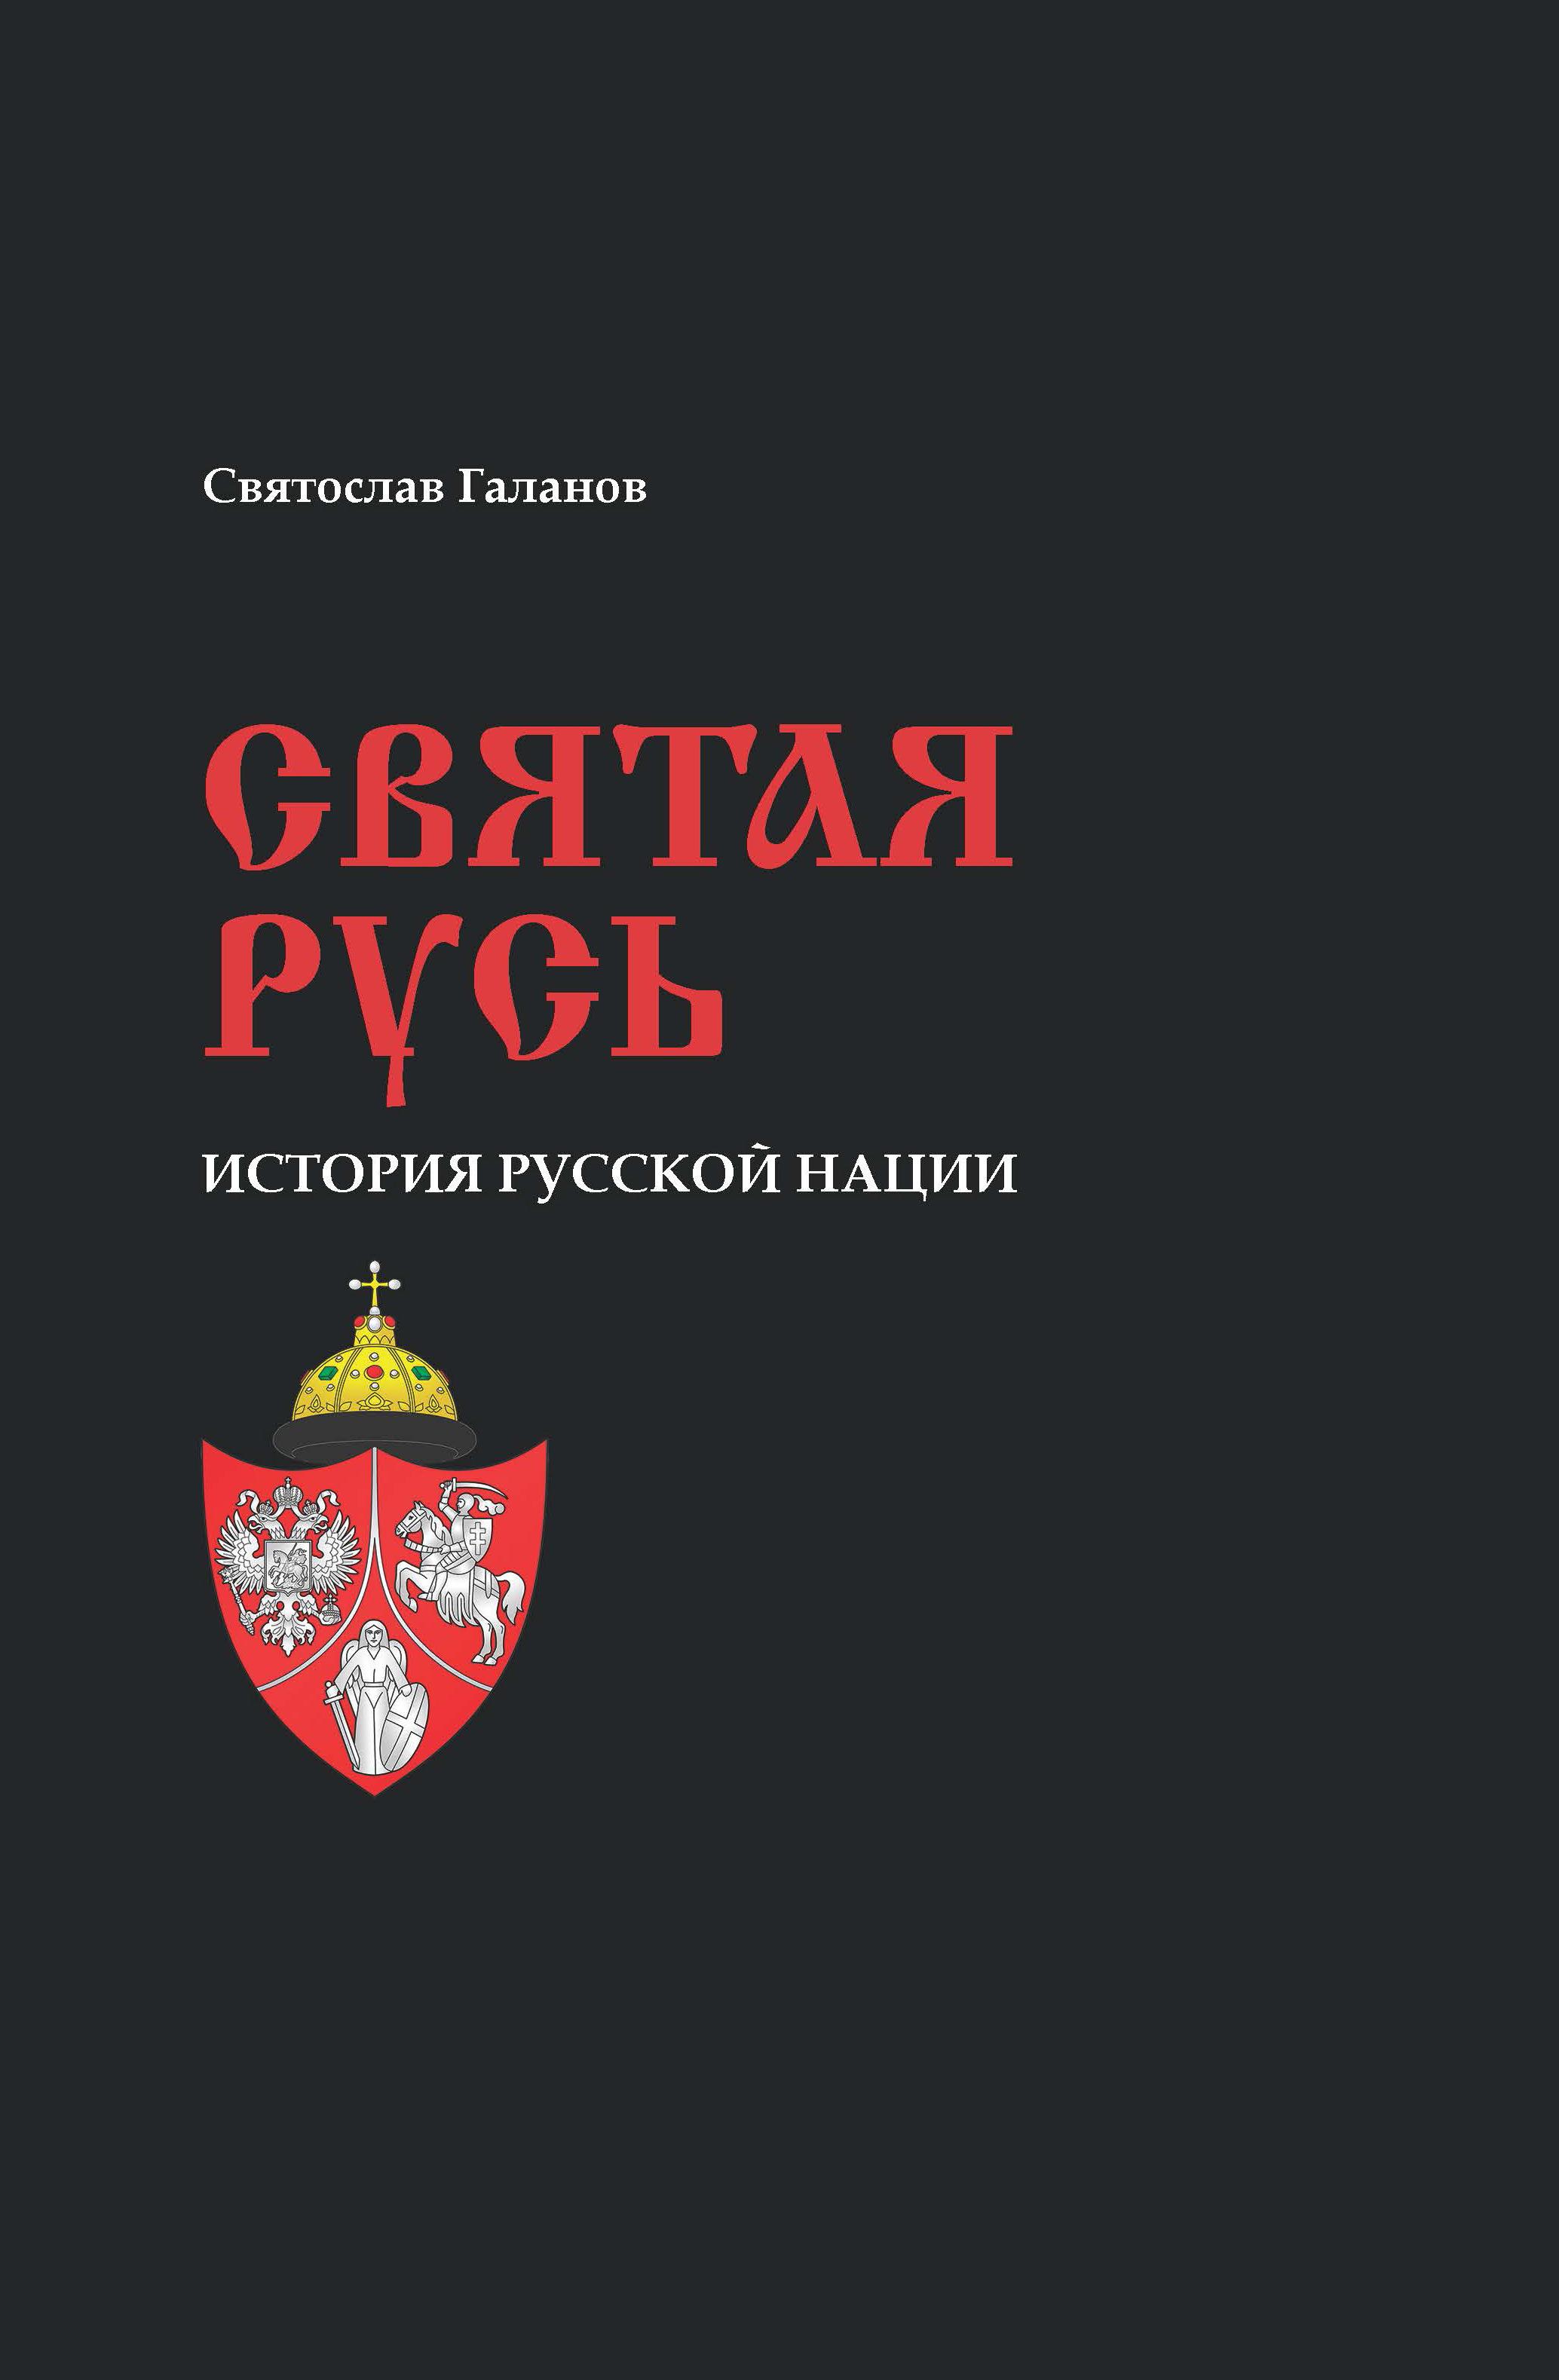 Святая Русь. История русской нации